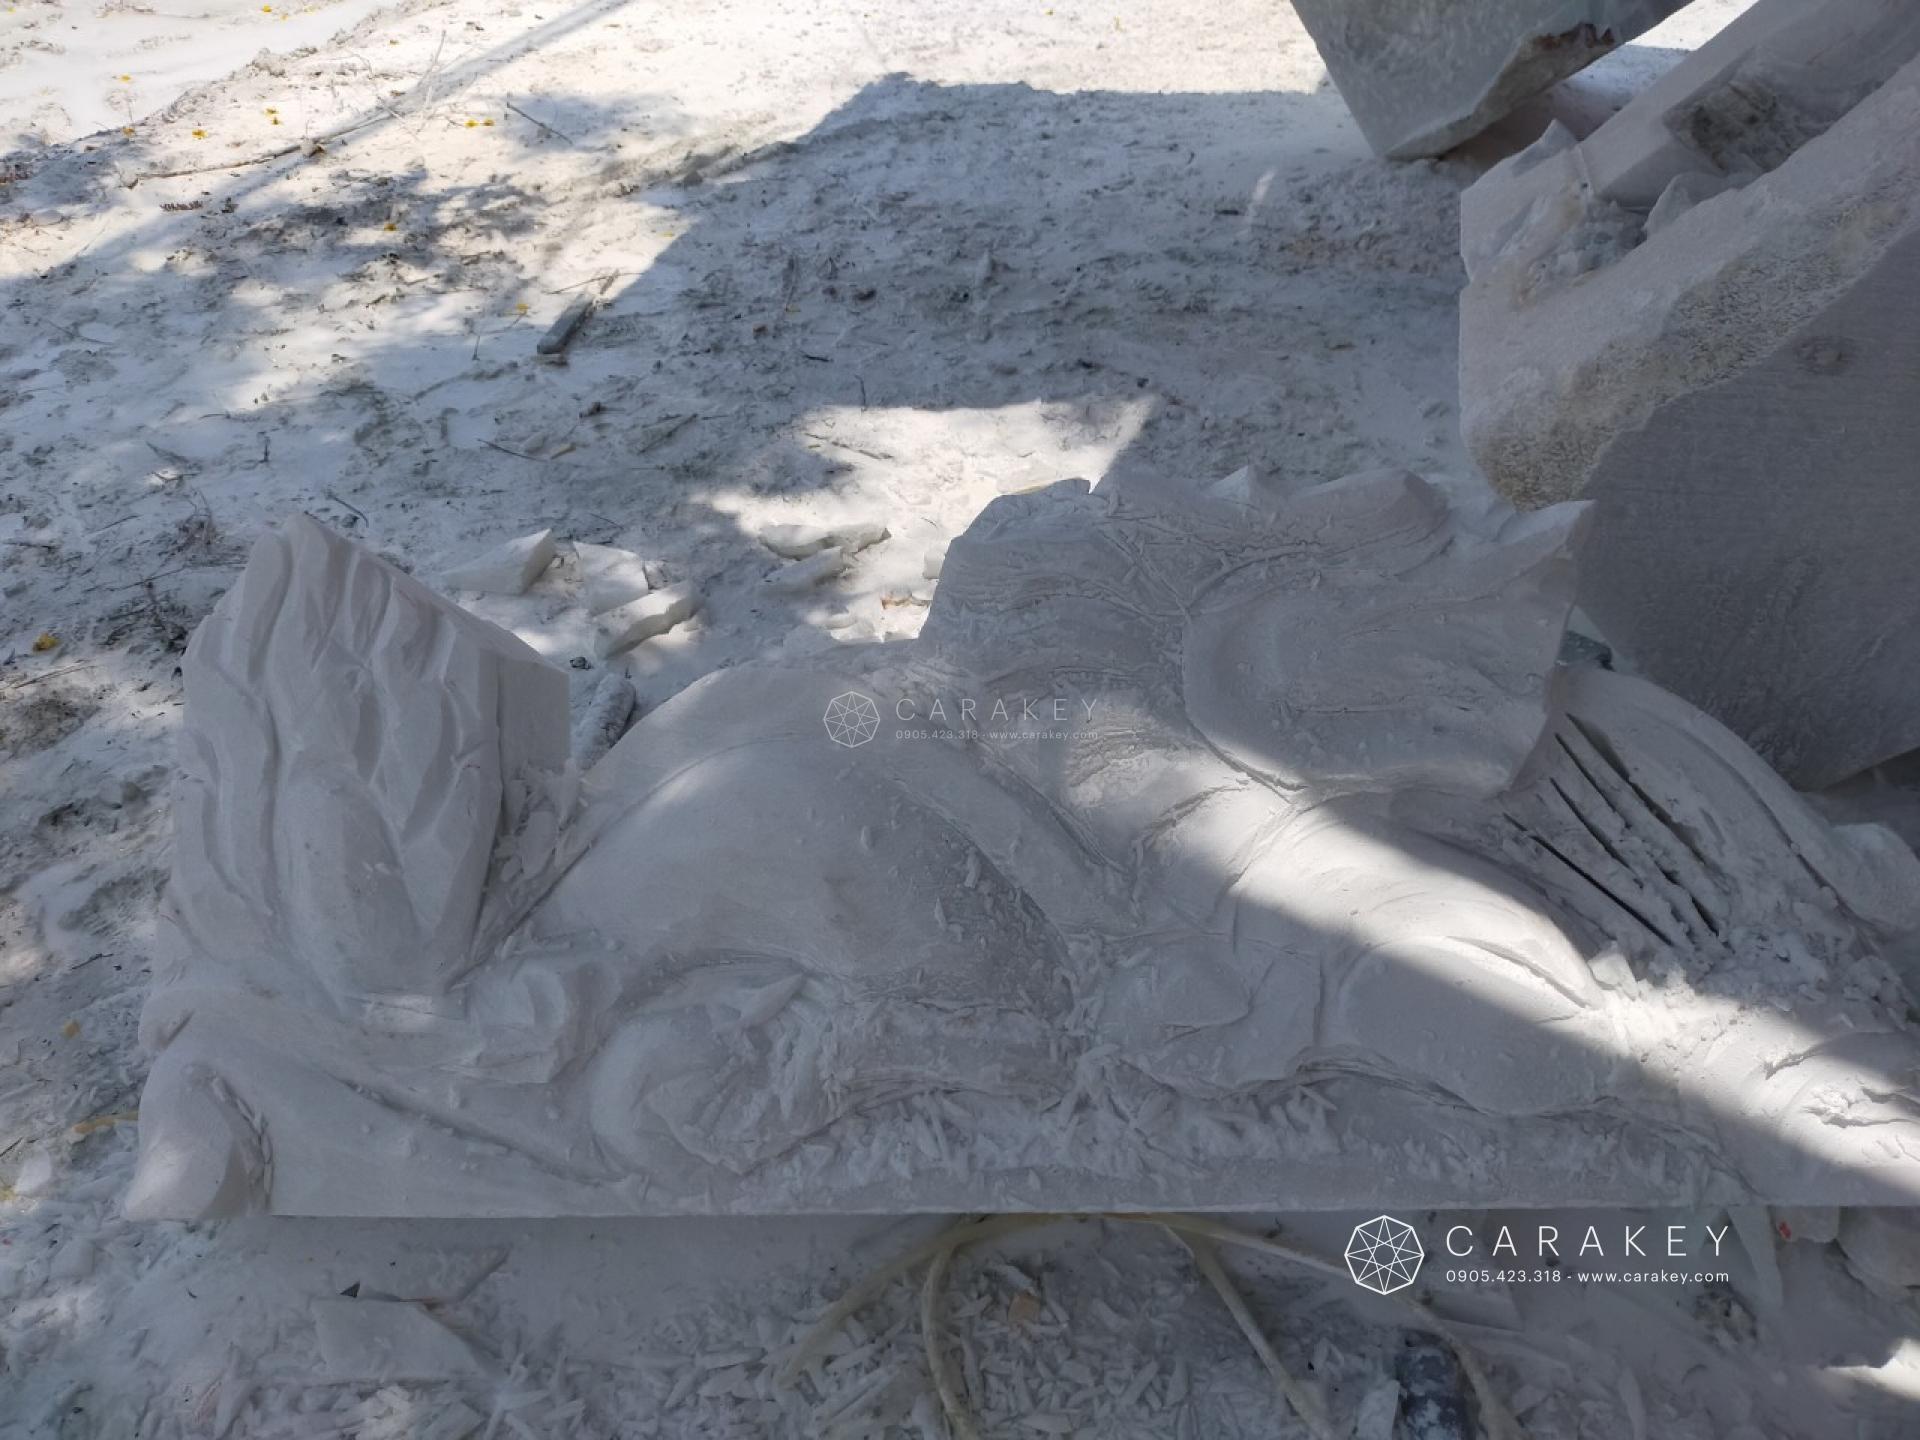 Cặp tượng rồng nằm đá trắng, tượng đá phong thủy, tượng linh vật phong thủy bằng đá, tượng rồng đá phong thủy, tượng phật phong thủy đá, tượng phật đá phong thủy, tượng phật bà quan âm bằng đá thạch anh, tượng phật bằng đá thạch anh, tượng di lặc đá thạch anh